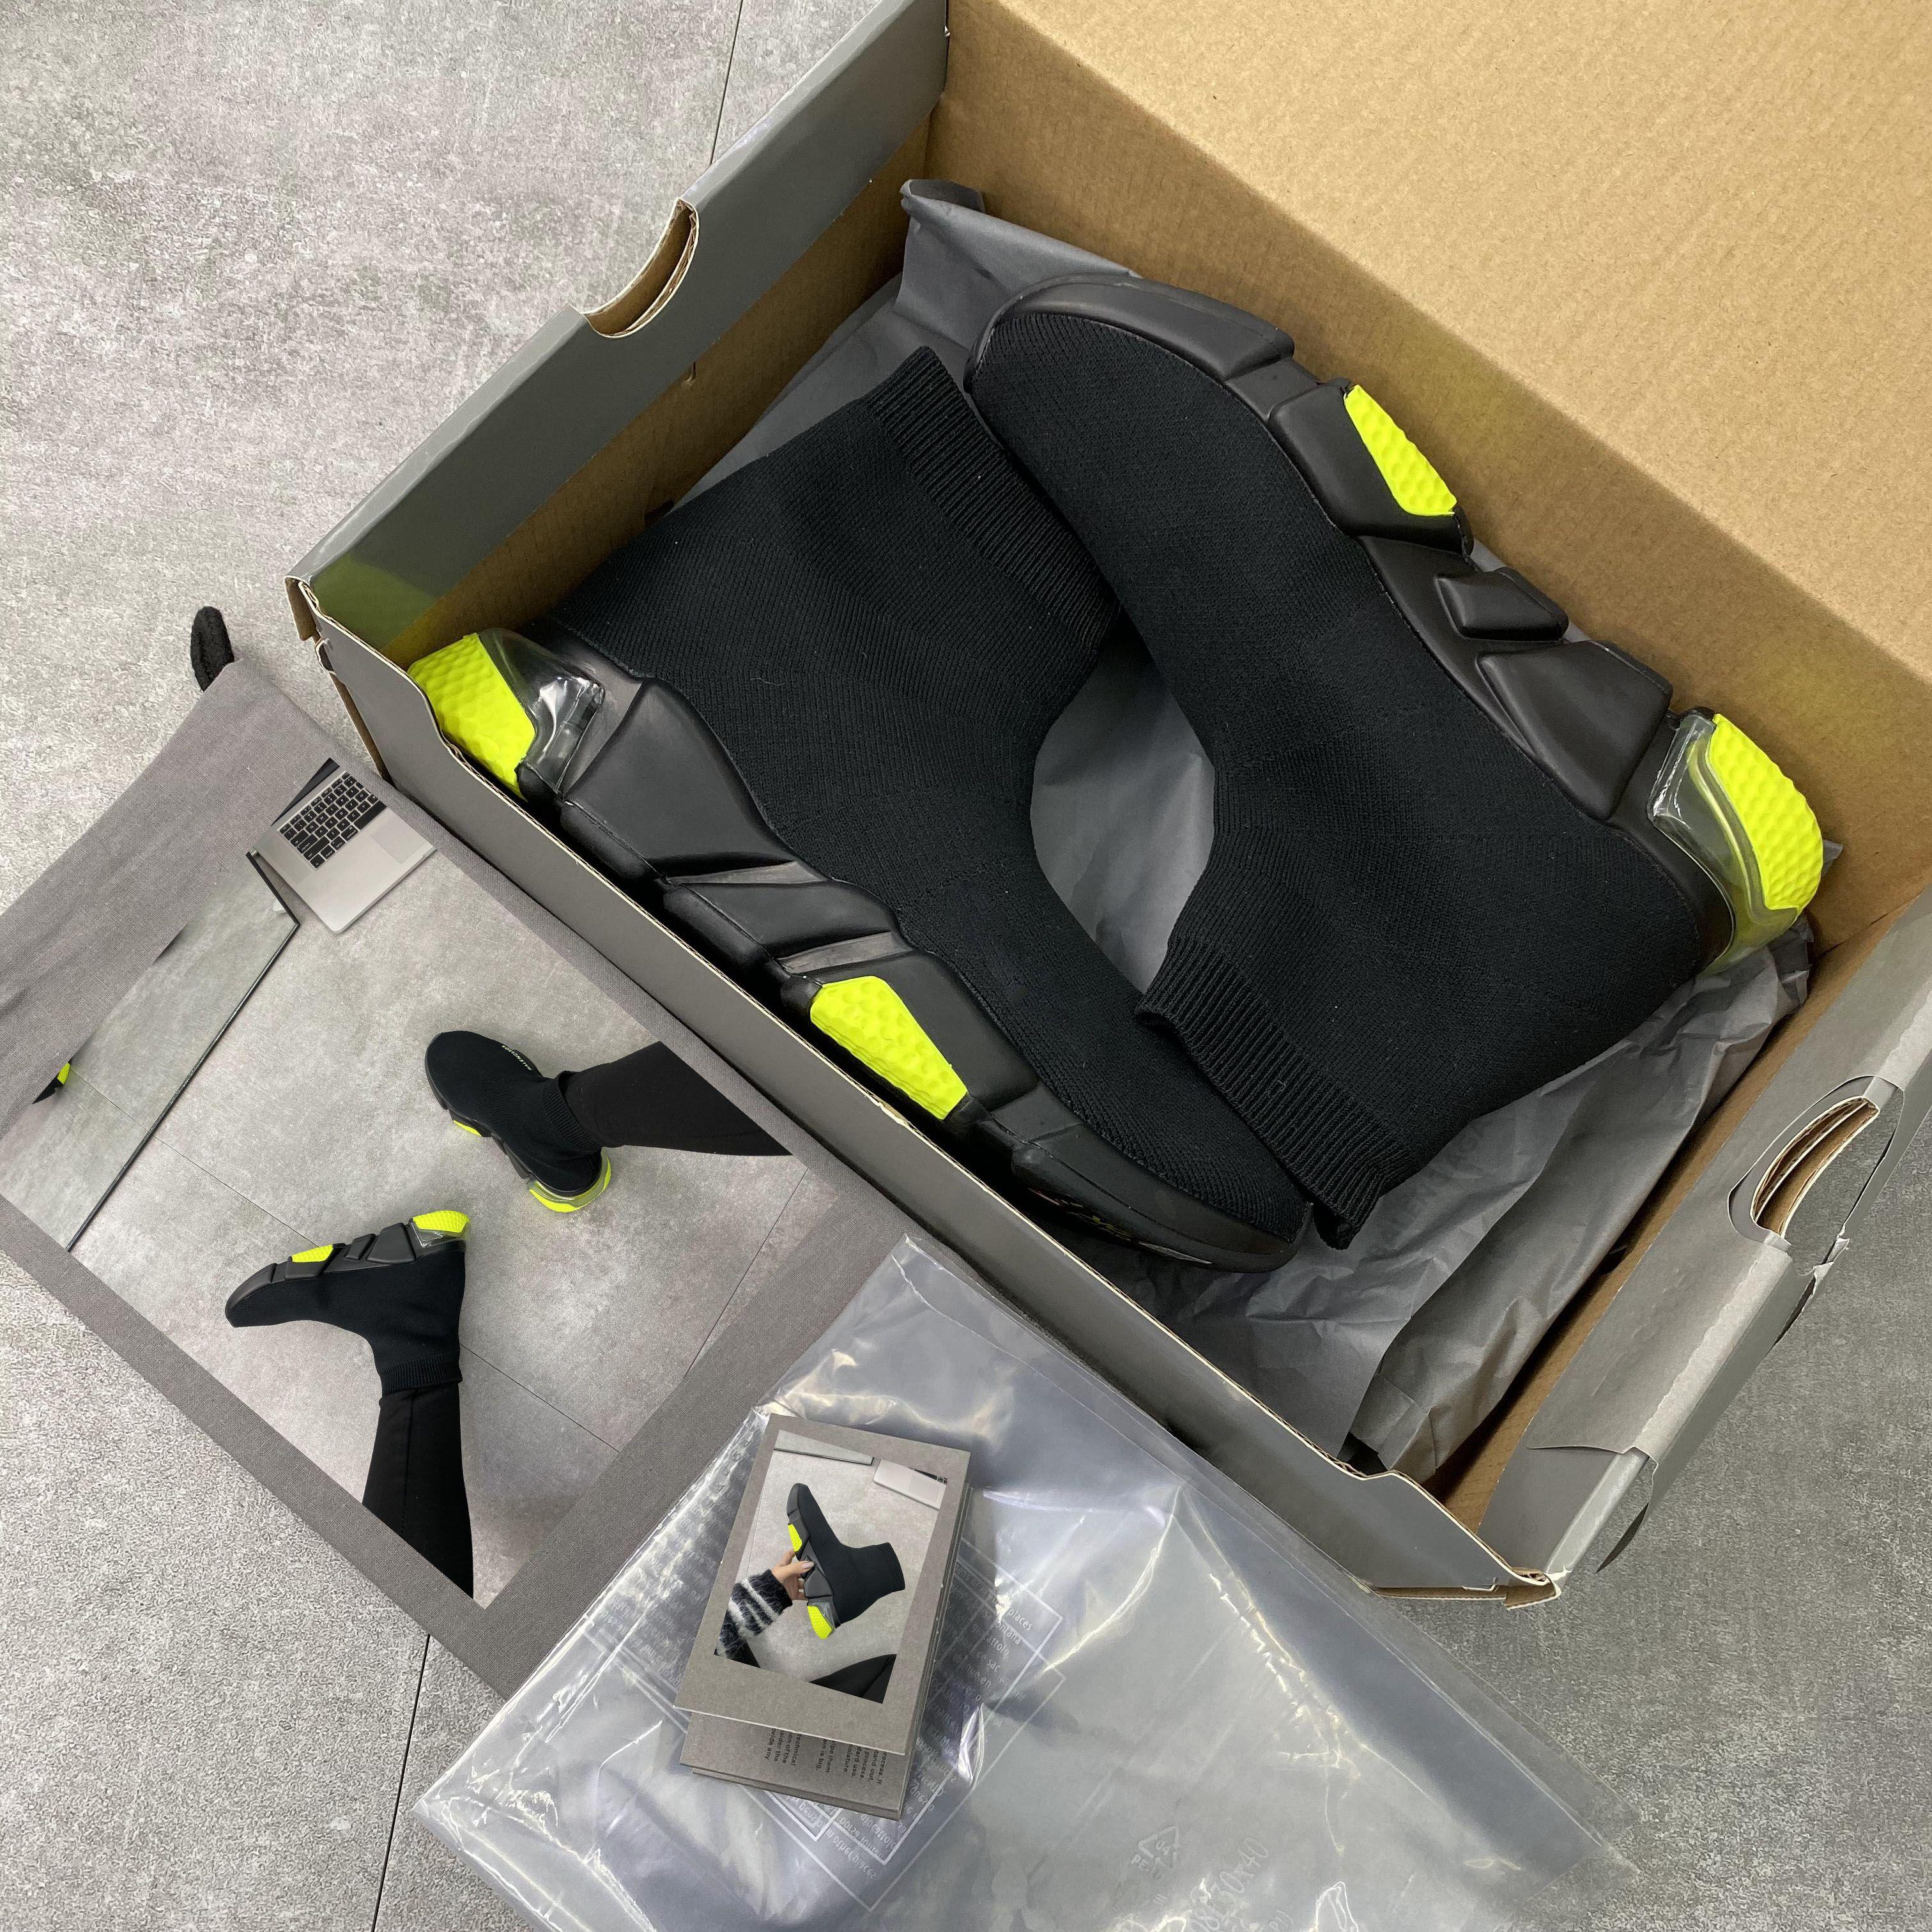 Kutu Toz Torbalı En Çorap Tasarımcı Ayakkabı El yapımı Yüksek Kırmızı Siyah Beyaz Sneakers Womens Trainer Günlük Ayakkabılar Boyut 35-46